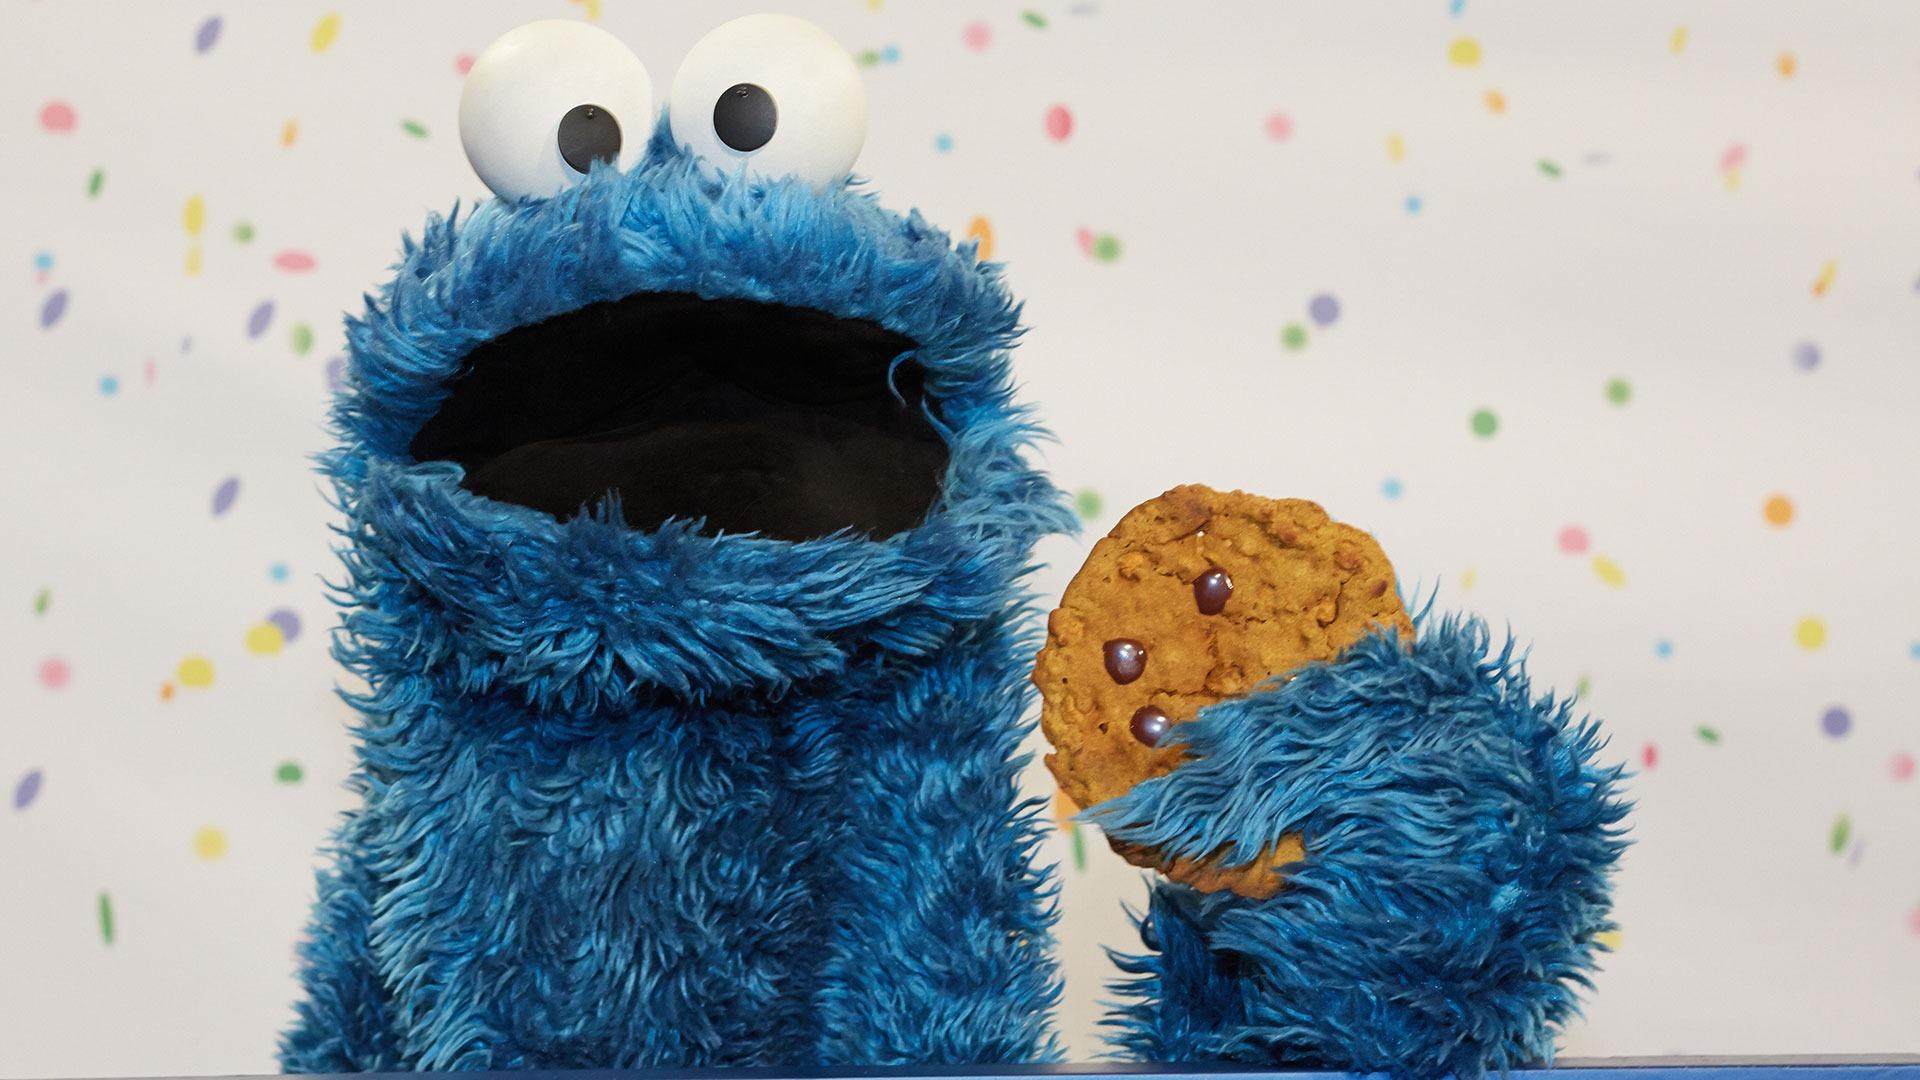 cookie monster cookies - HD1920×1080